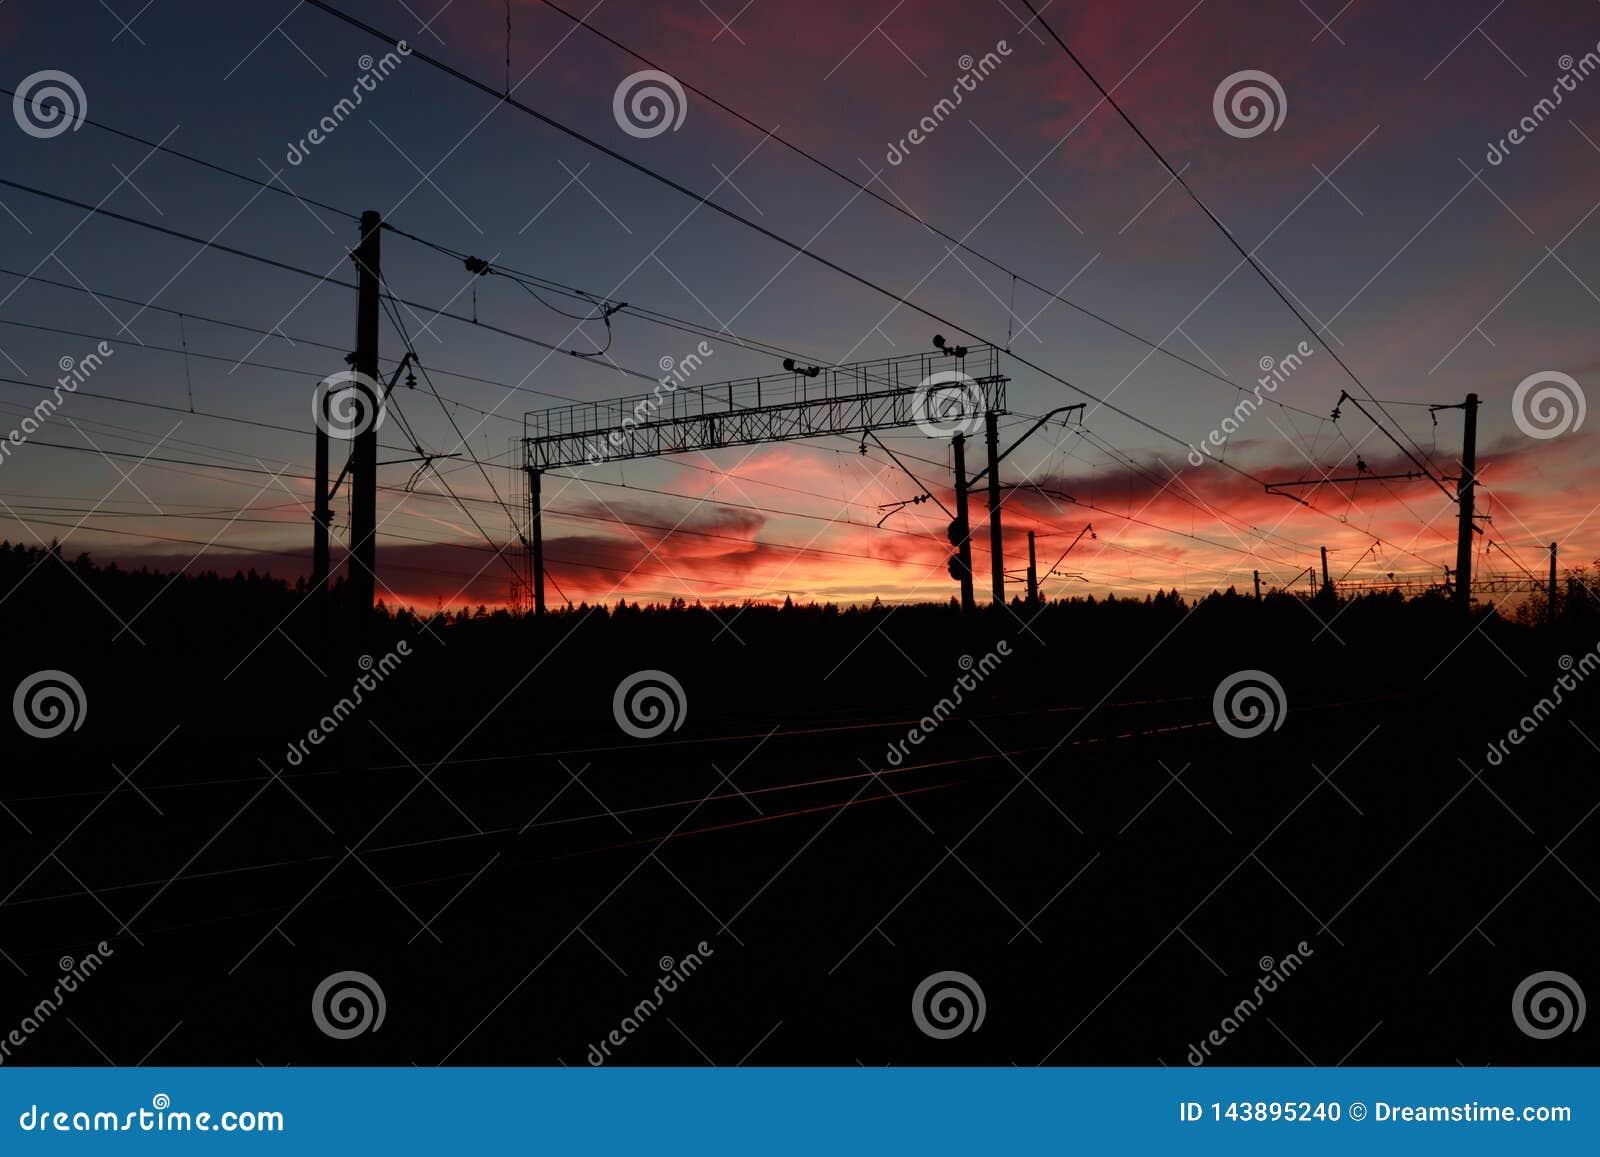 Blutiger Sonnenuntergang auf der Eisenbahn